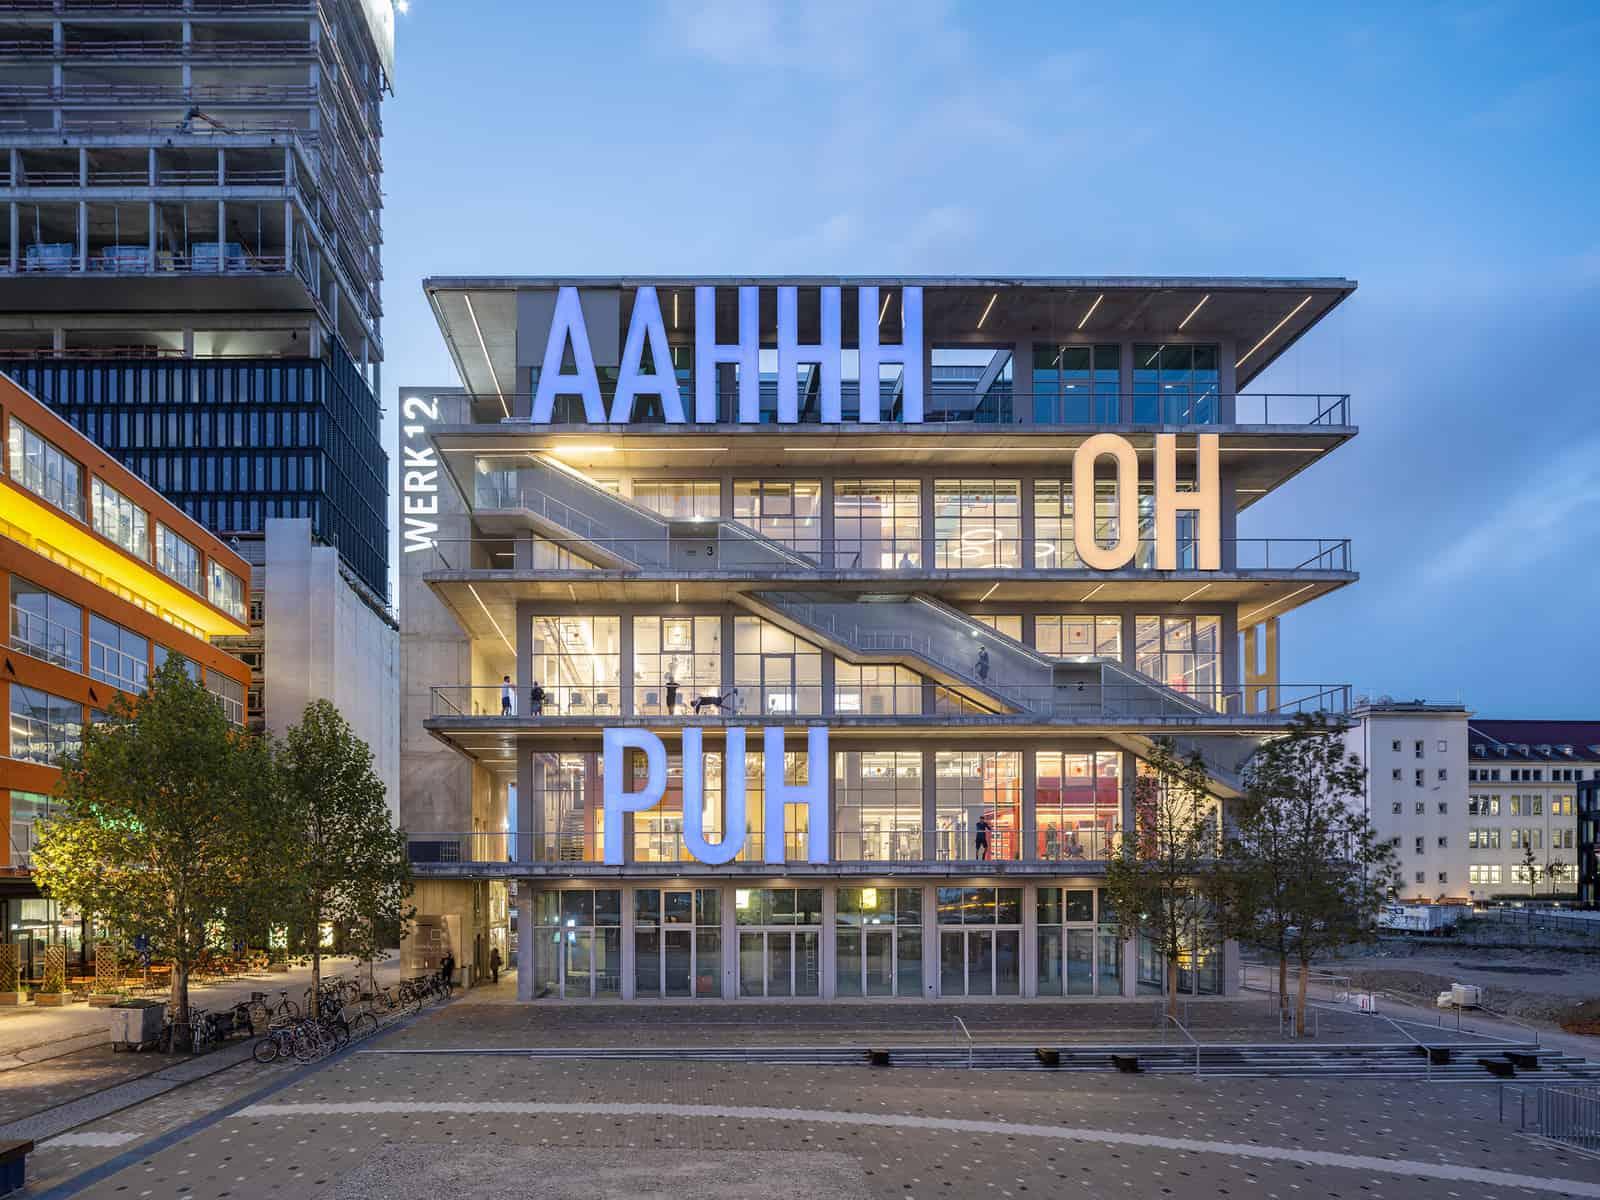 ARGE MVRDV & N-V-O NUYKEN VON OEFELE ARCHITEKTEN Werk 12, München I @ Ossip van Duivenbode @